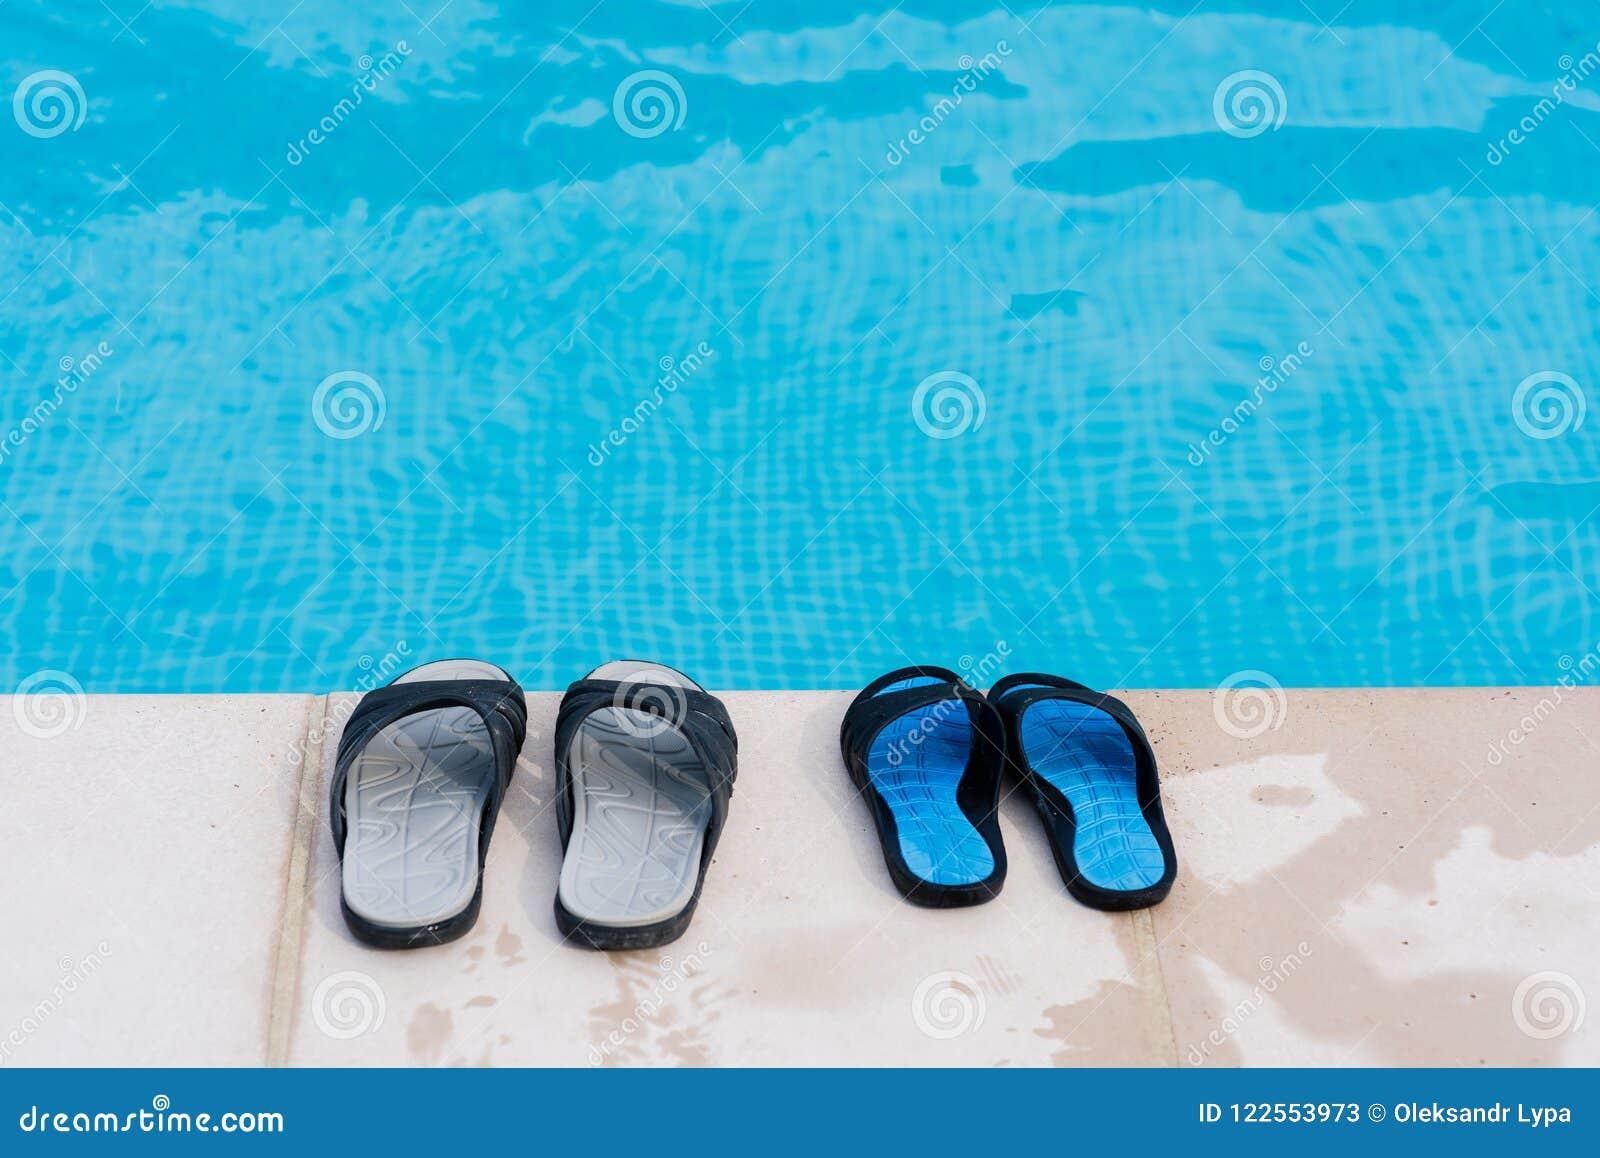 Пары темповых сальто сальто приближают к бассейну